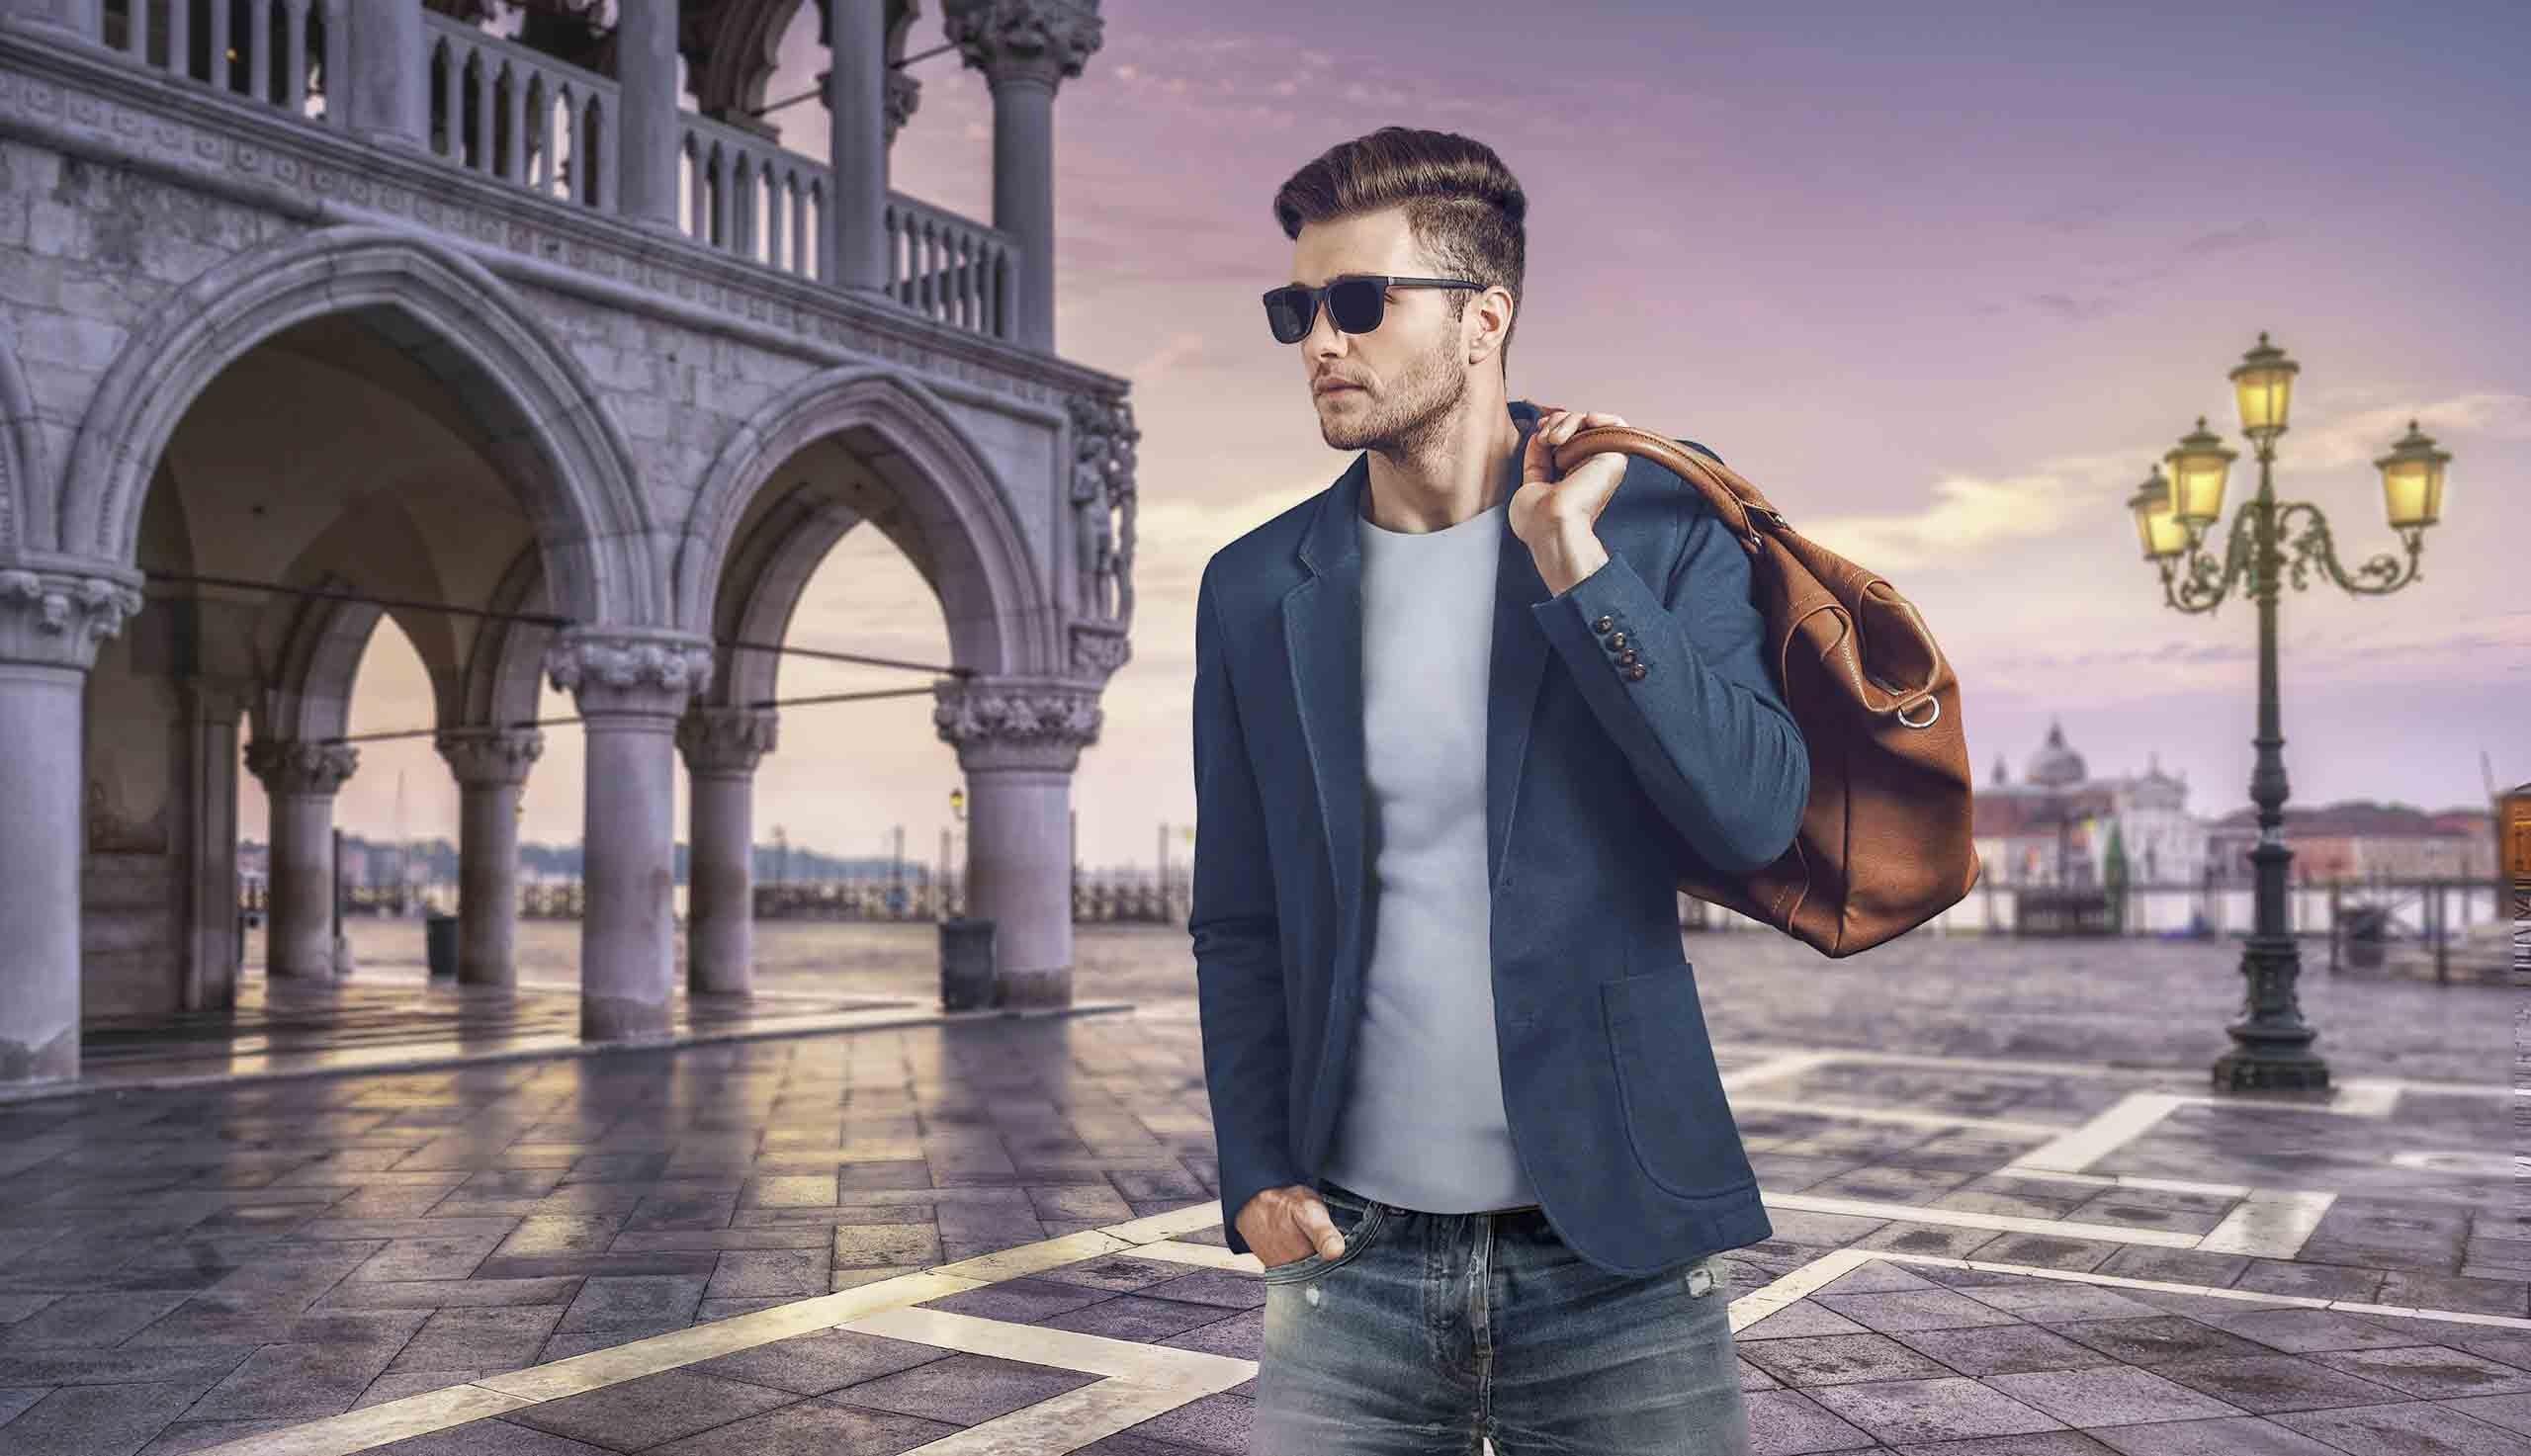 IANNALFO & SGARIGLIA EXPLORE YOUR INNER STYLE Casual cloth for men